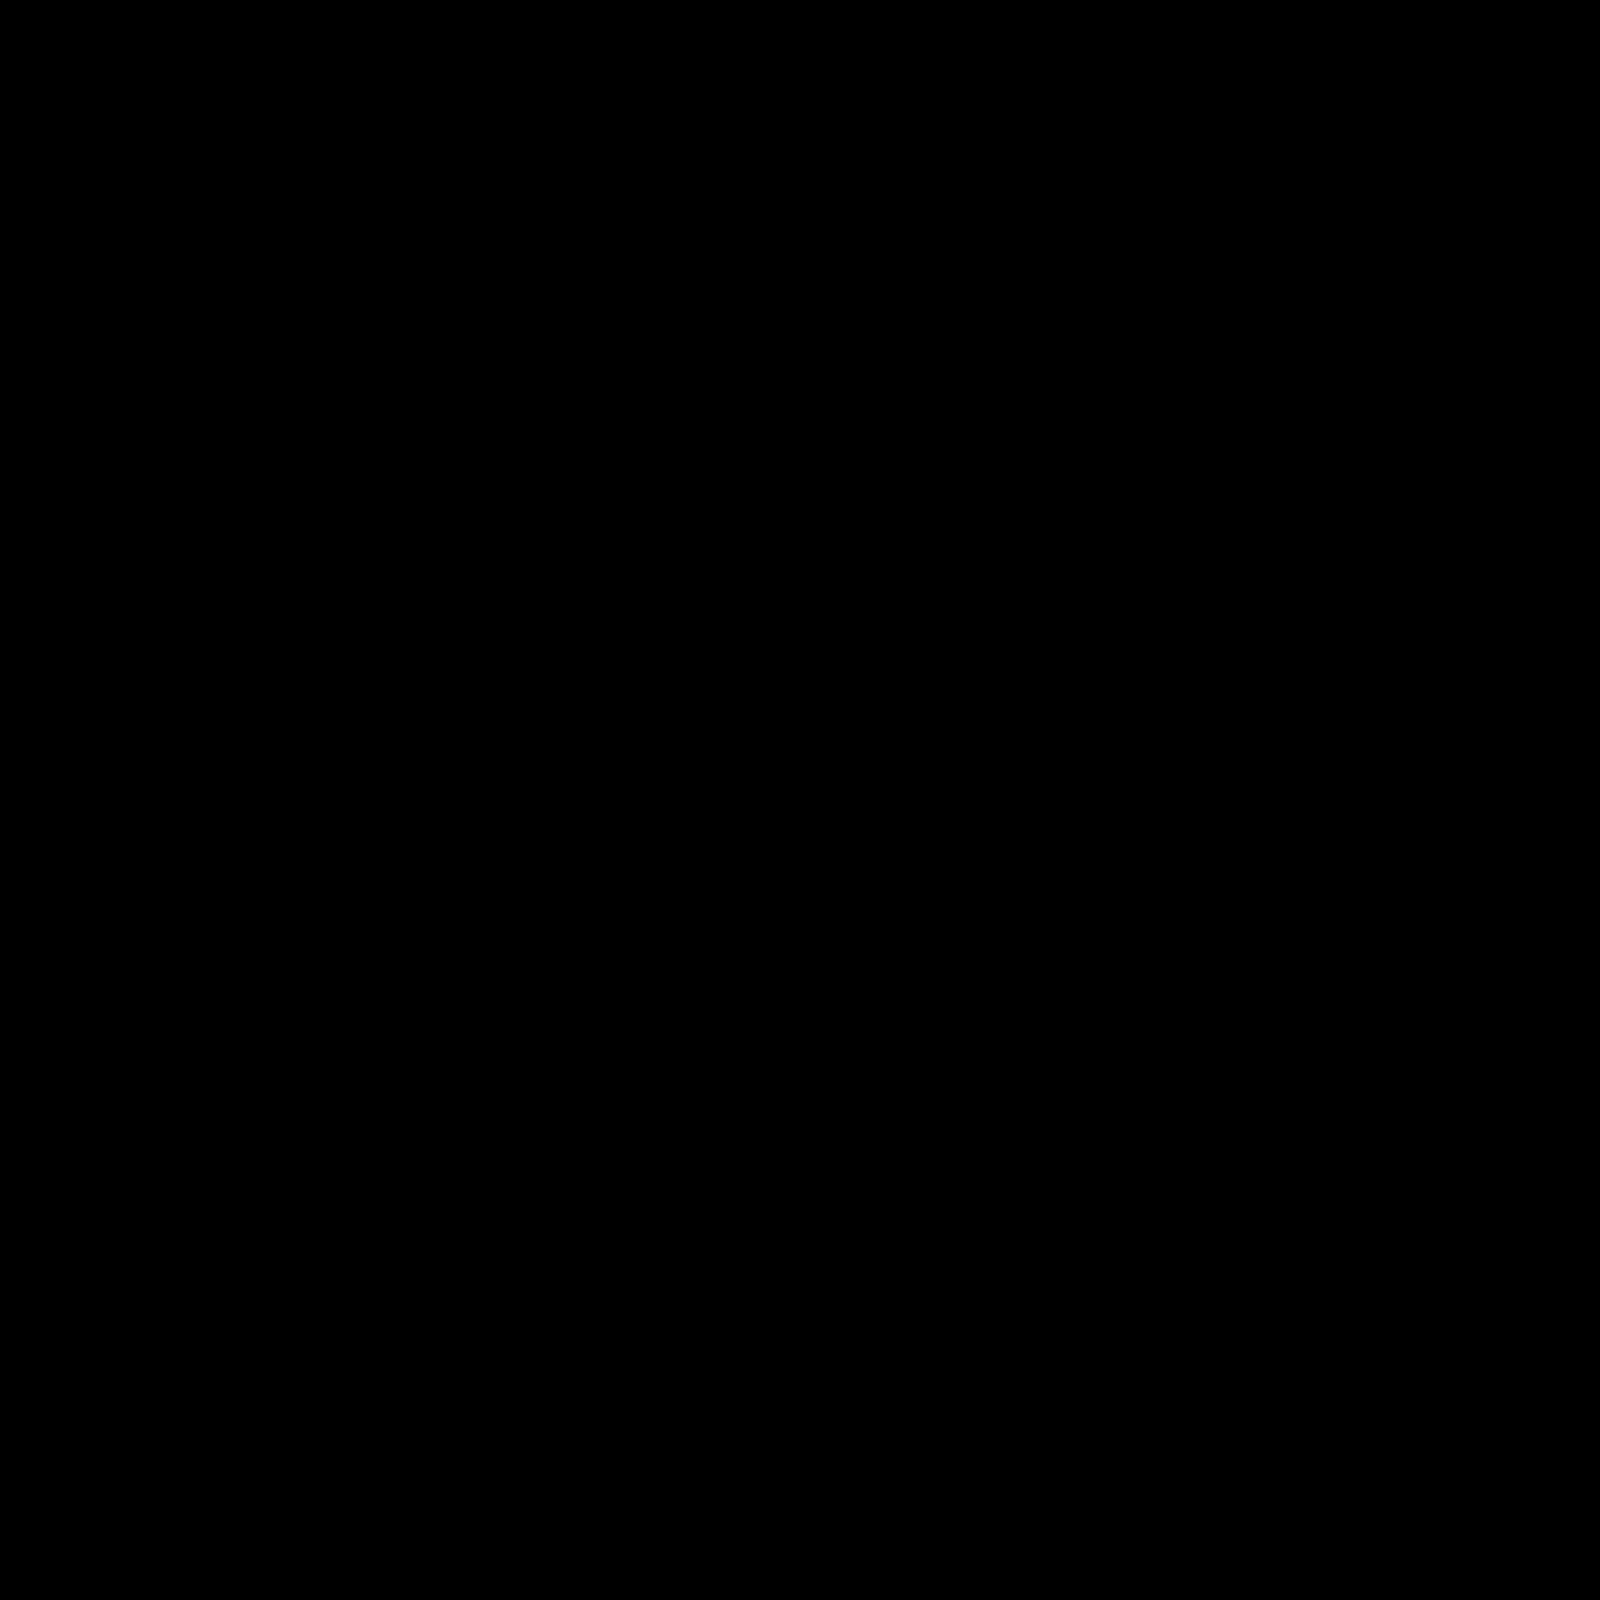 Encashment Car Filled icon